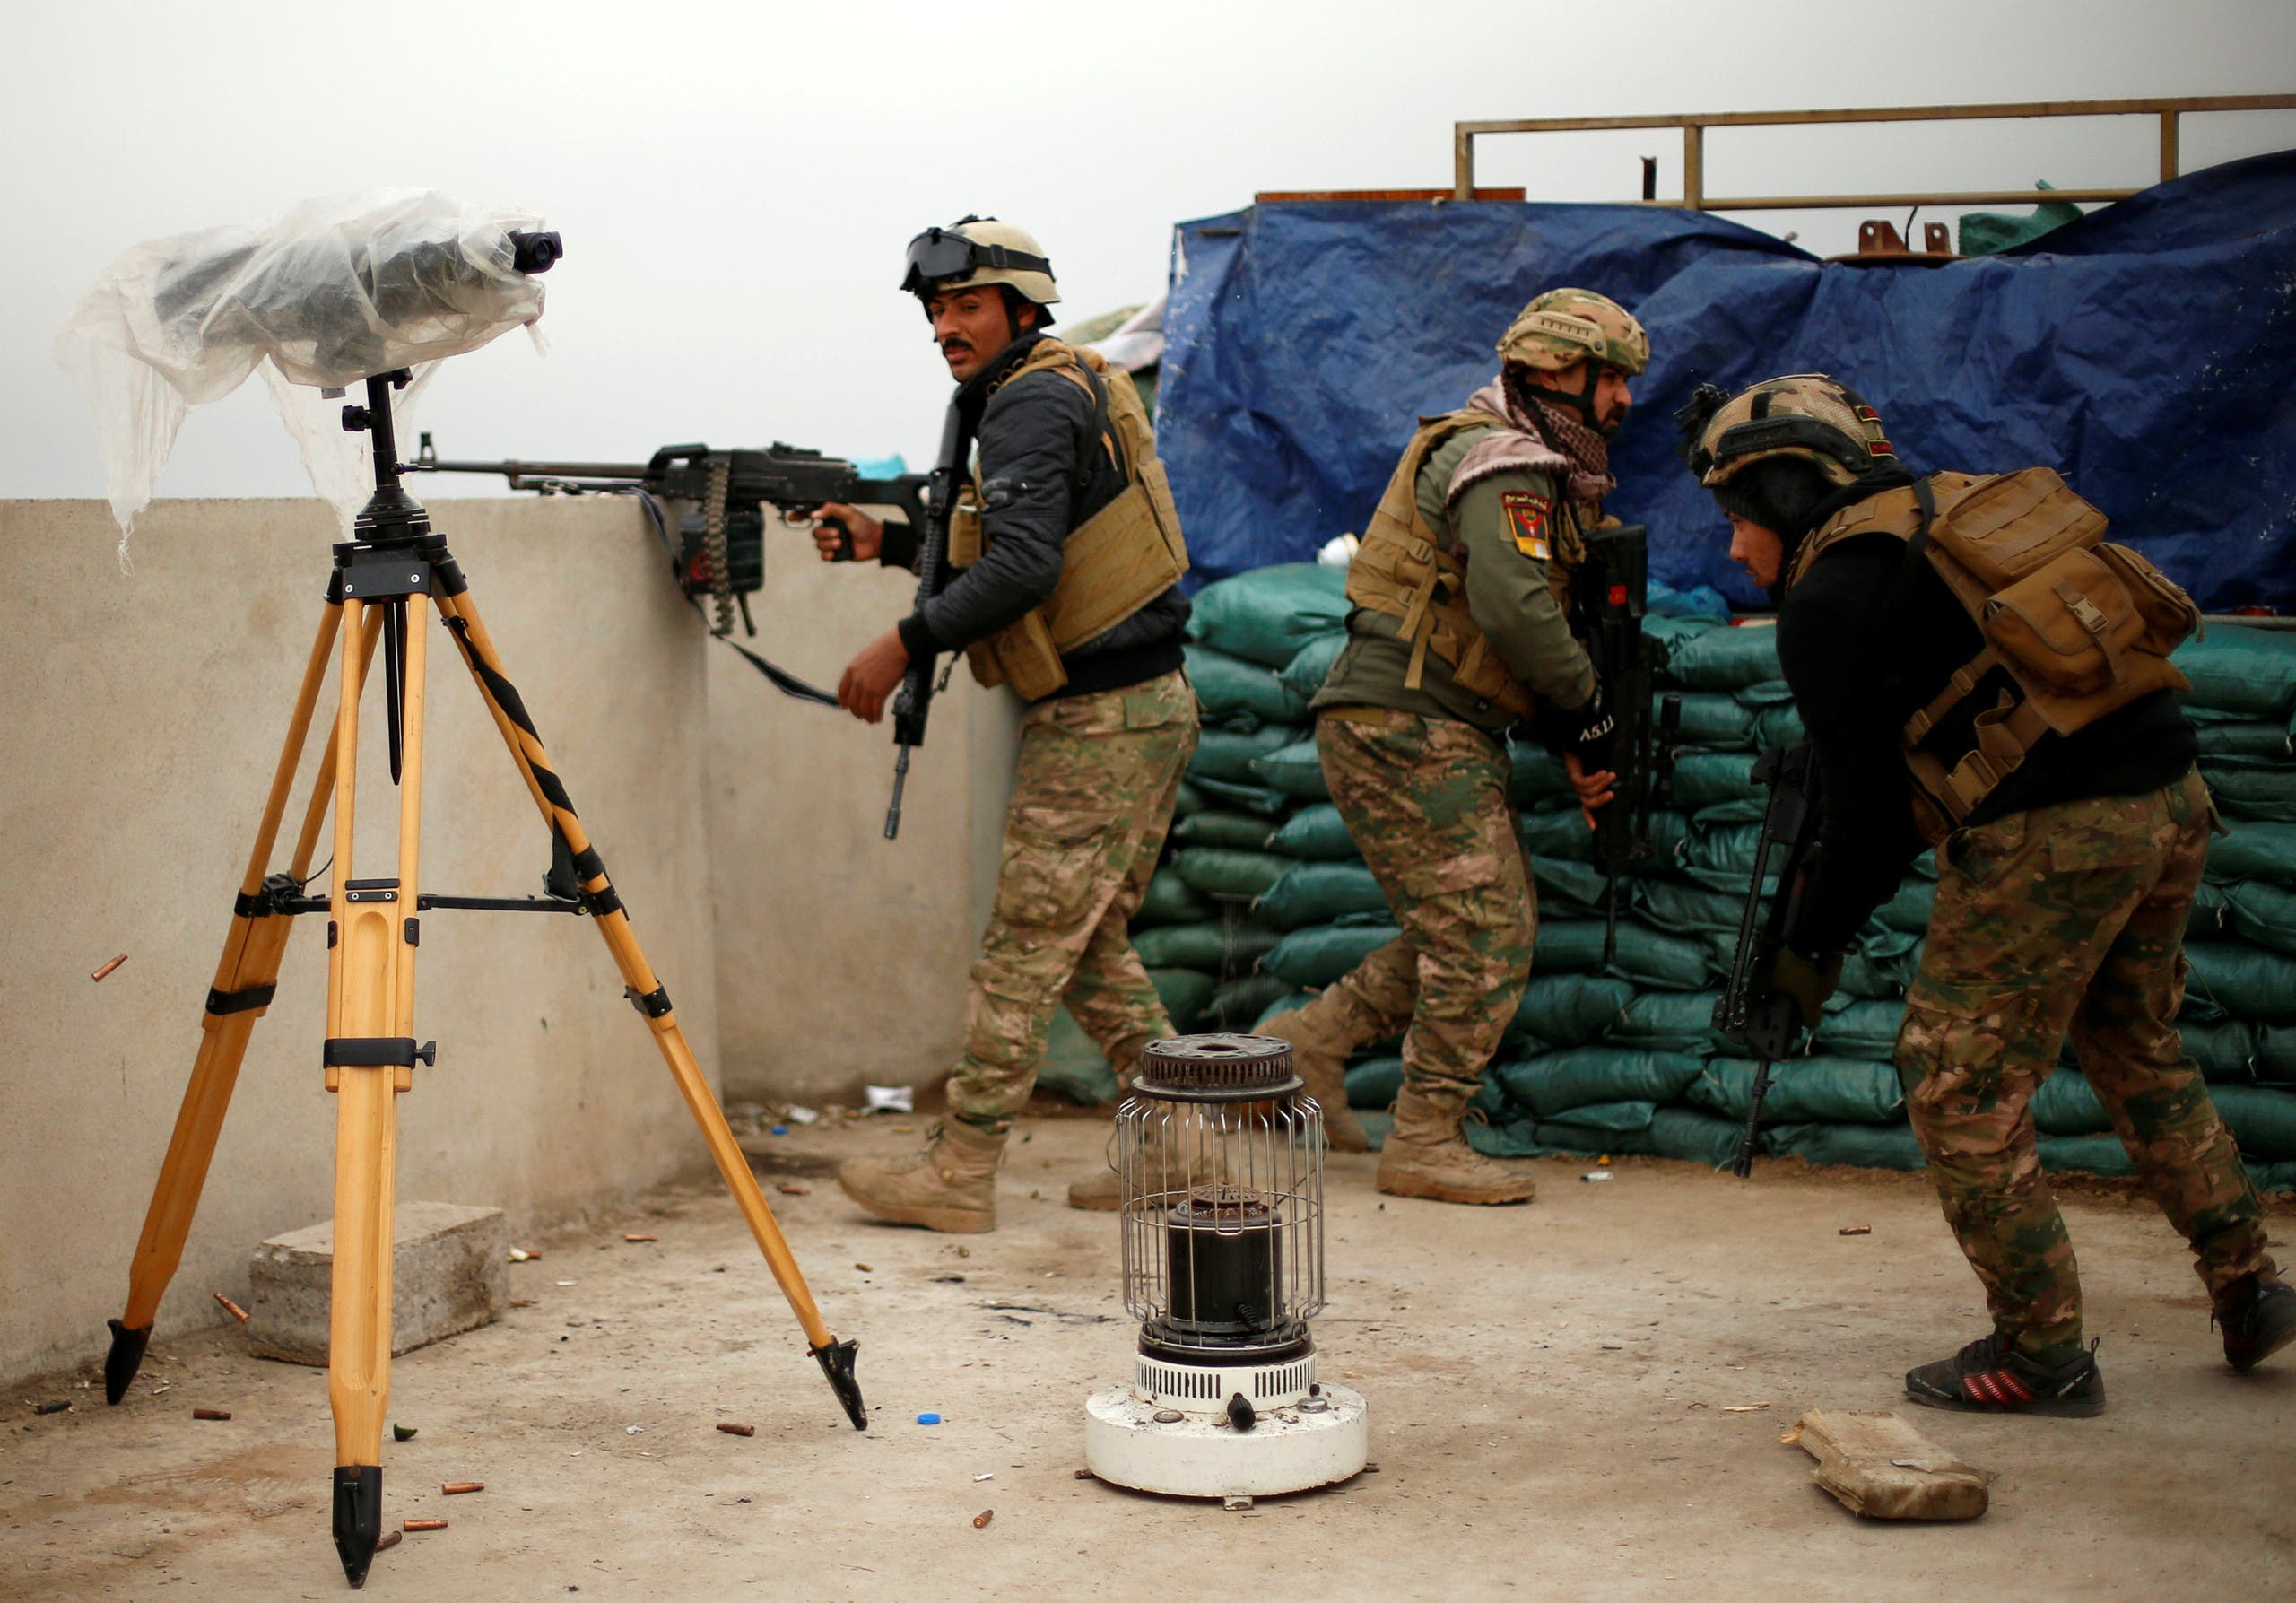 عنصر من قوات التدخل السريع العراقية يطلق النار على عناصر داعش عبر نهر دجلة بالموصل